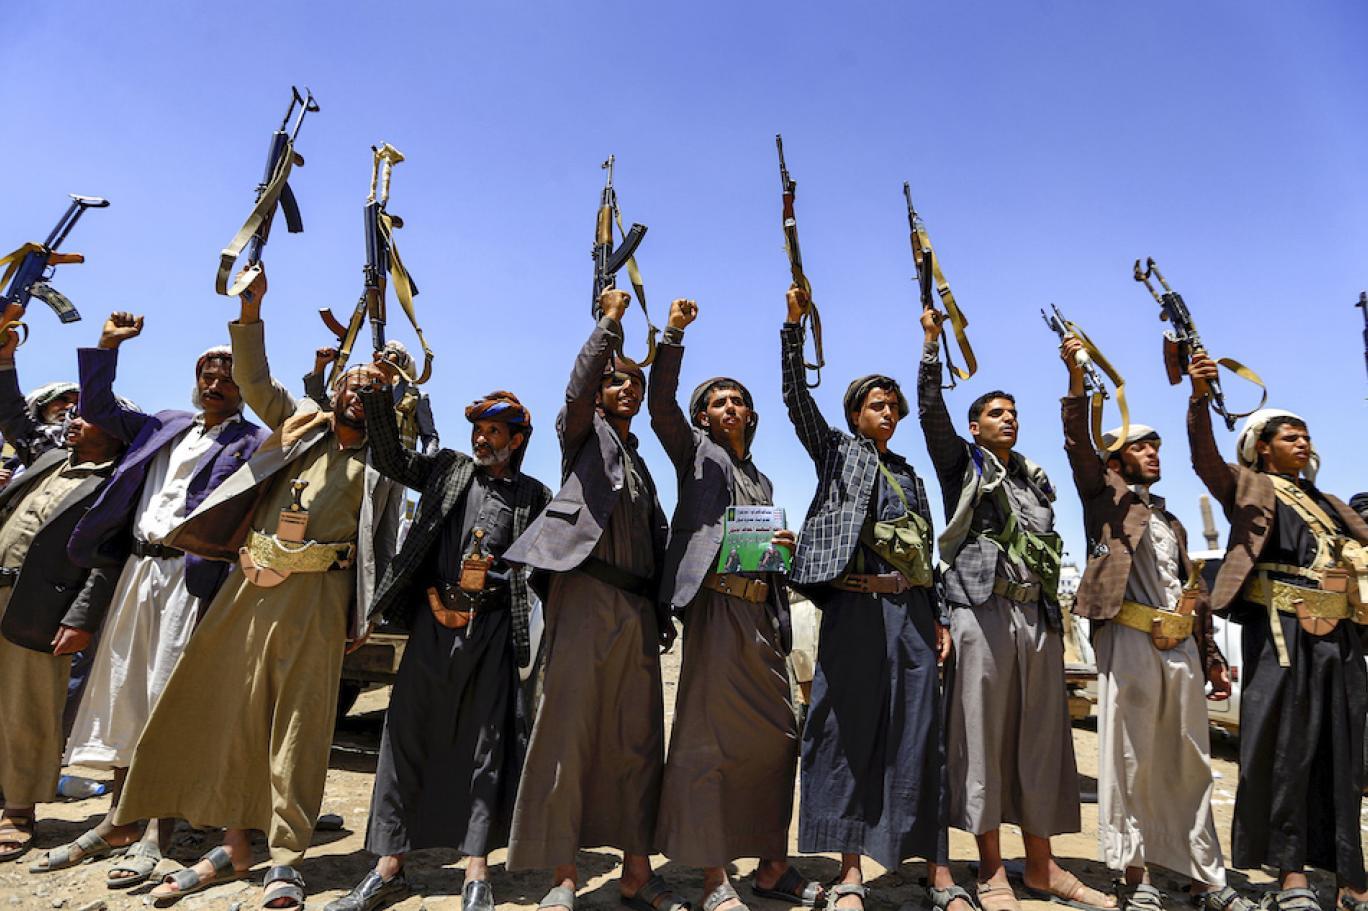 رويترز: واشنطن تعتزم تصنيف الحوثيين منظمة إرهابية